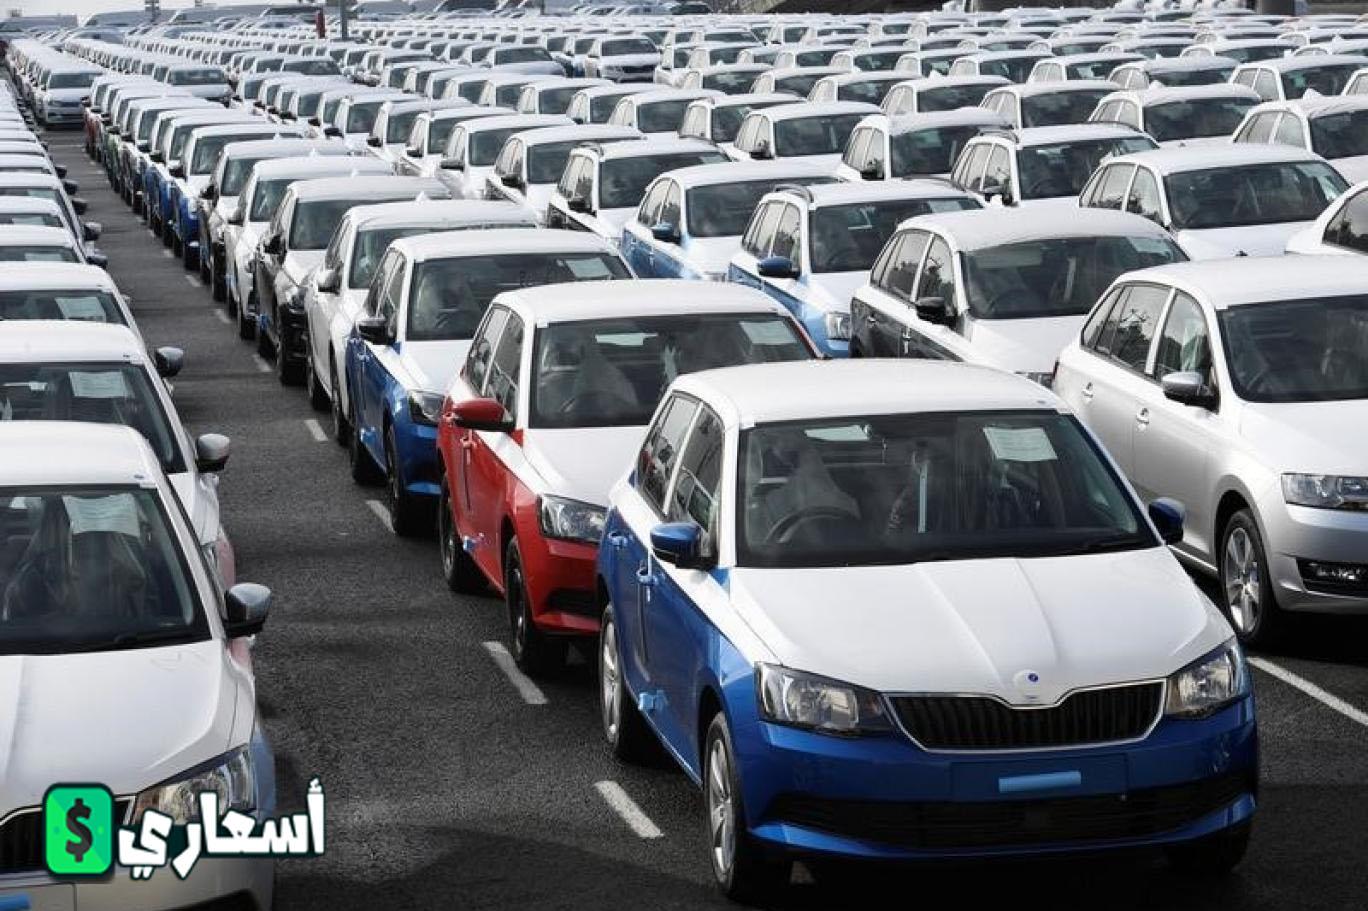 اسعار السيارات المعفاة من الجمارك